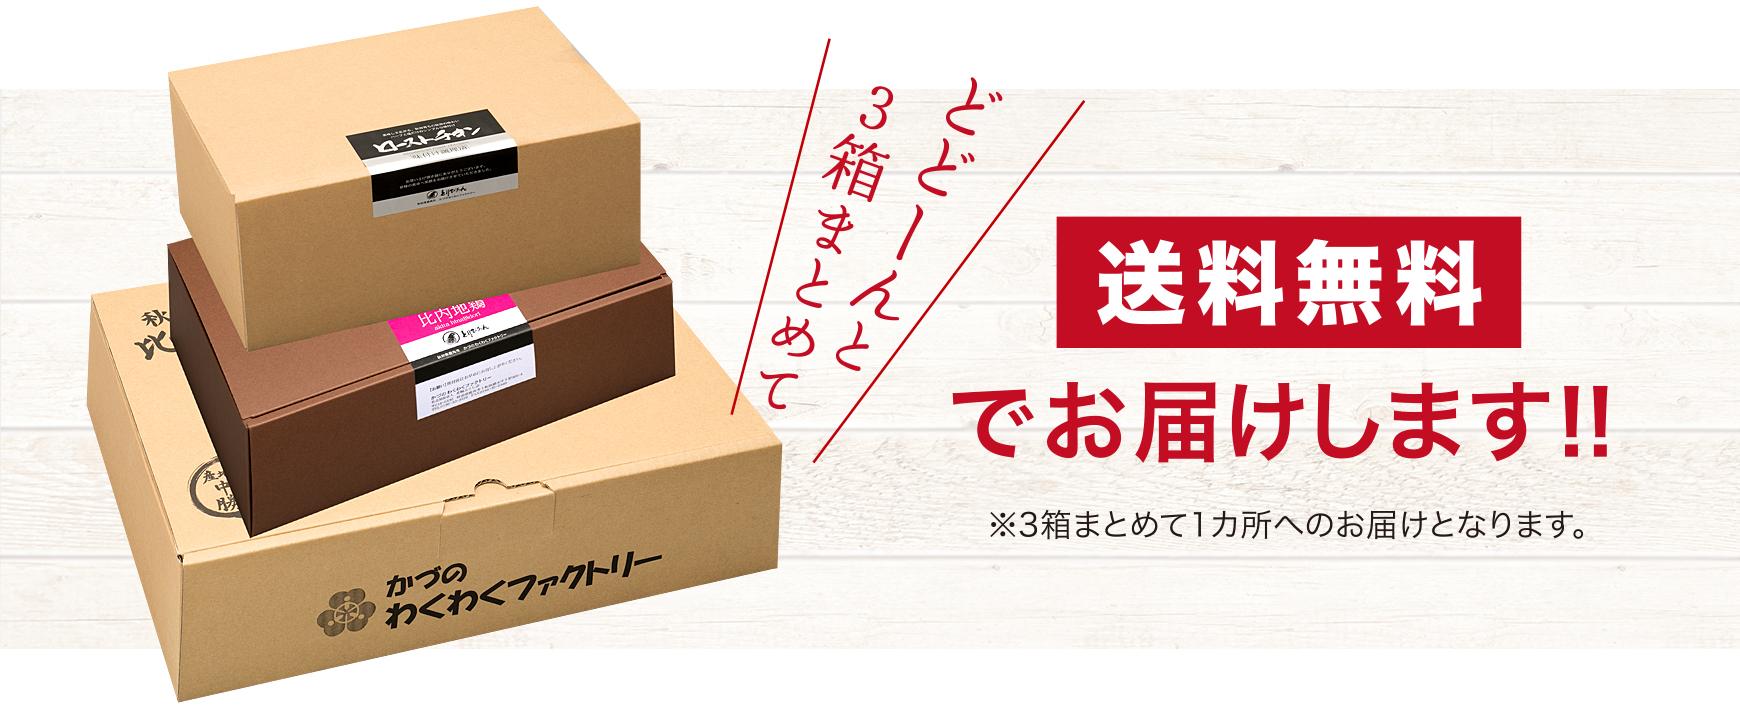 3箱まとめて送料無料でお届けします